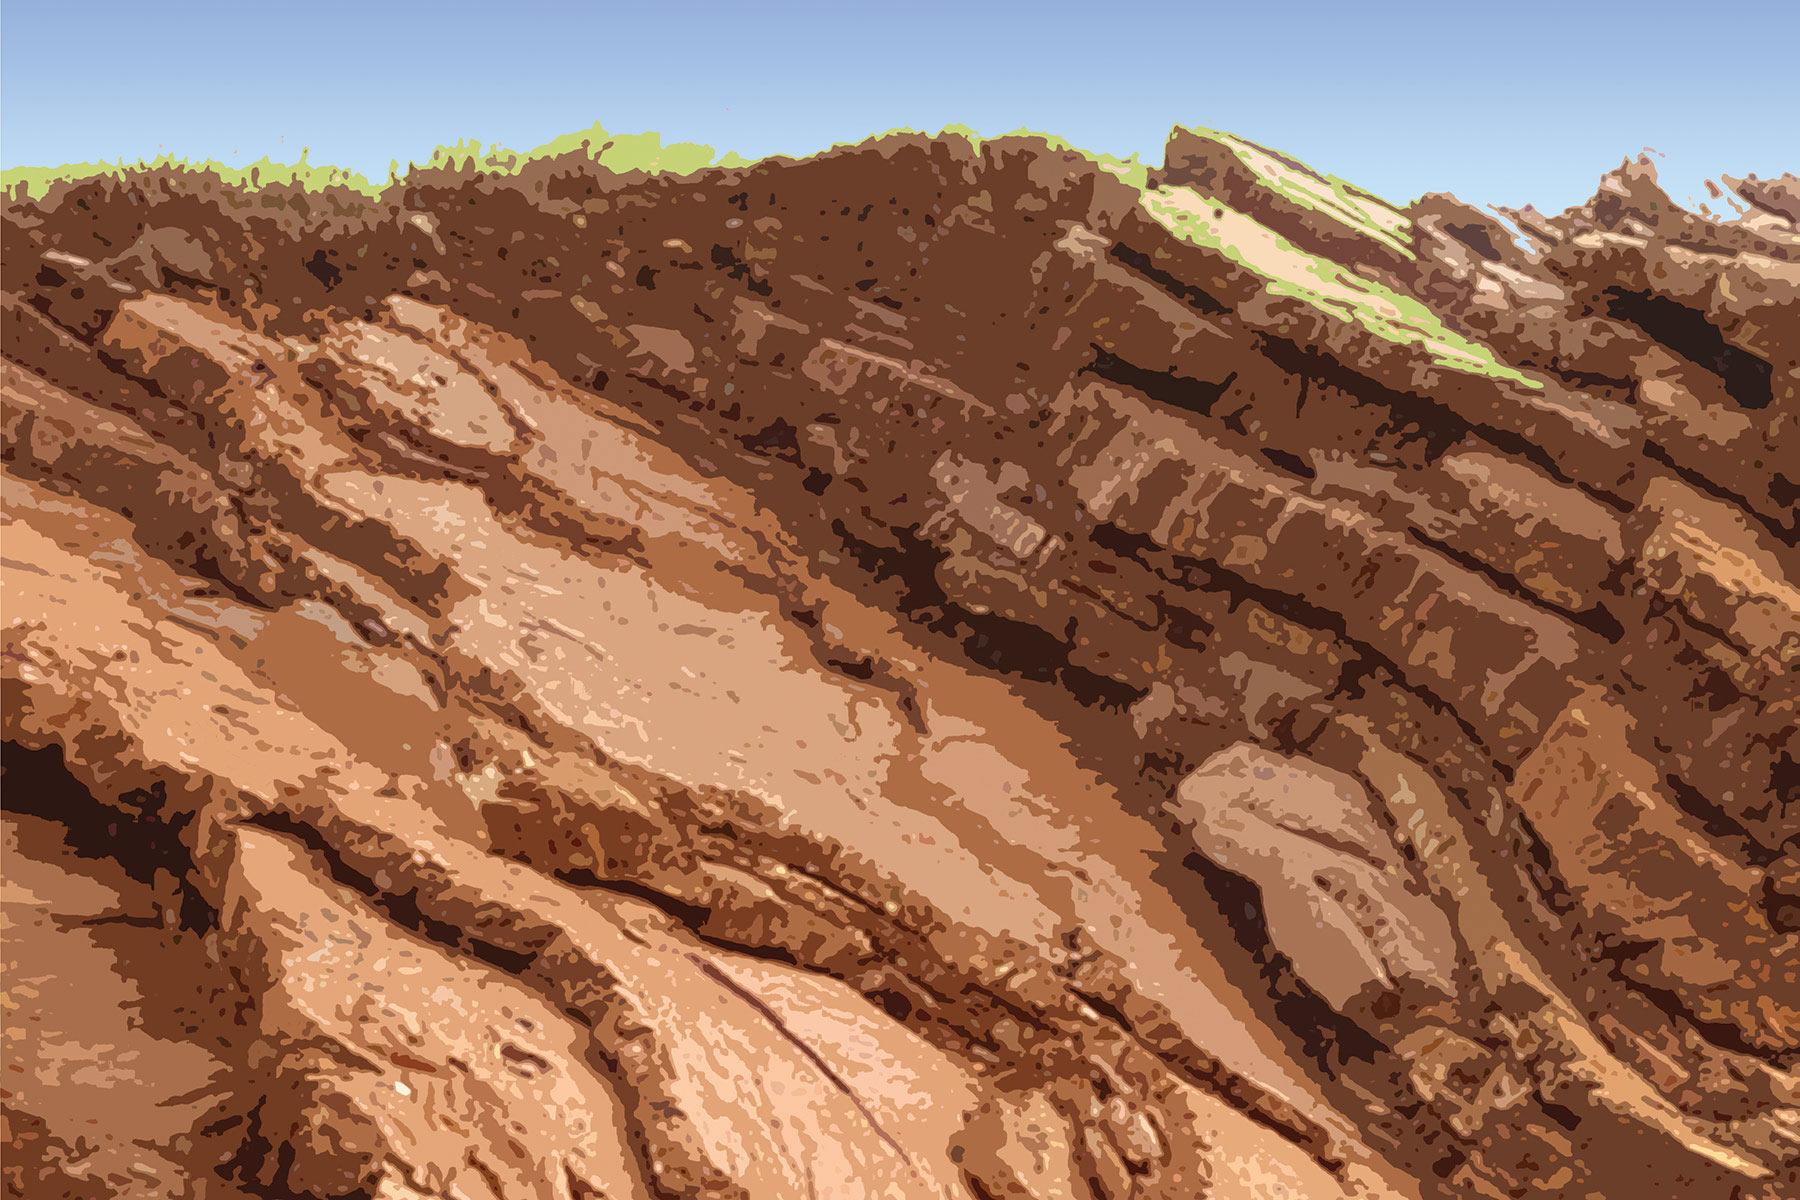 Geology Exhibit